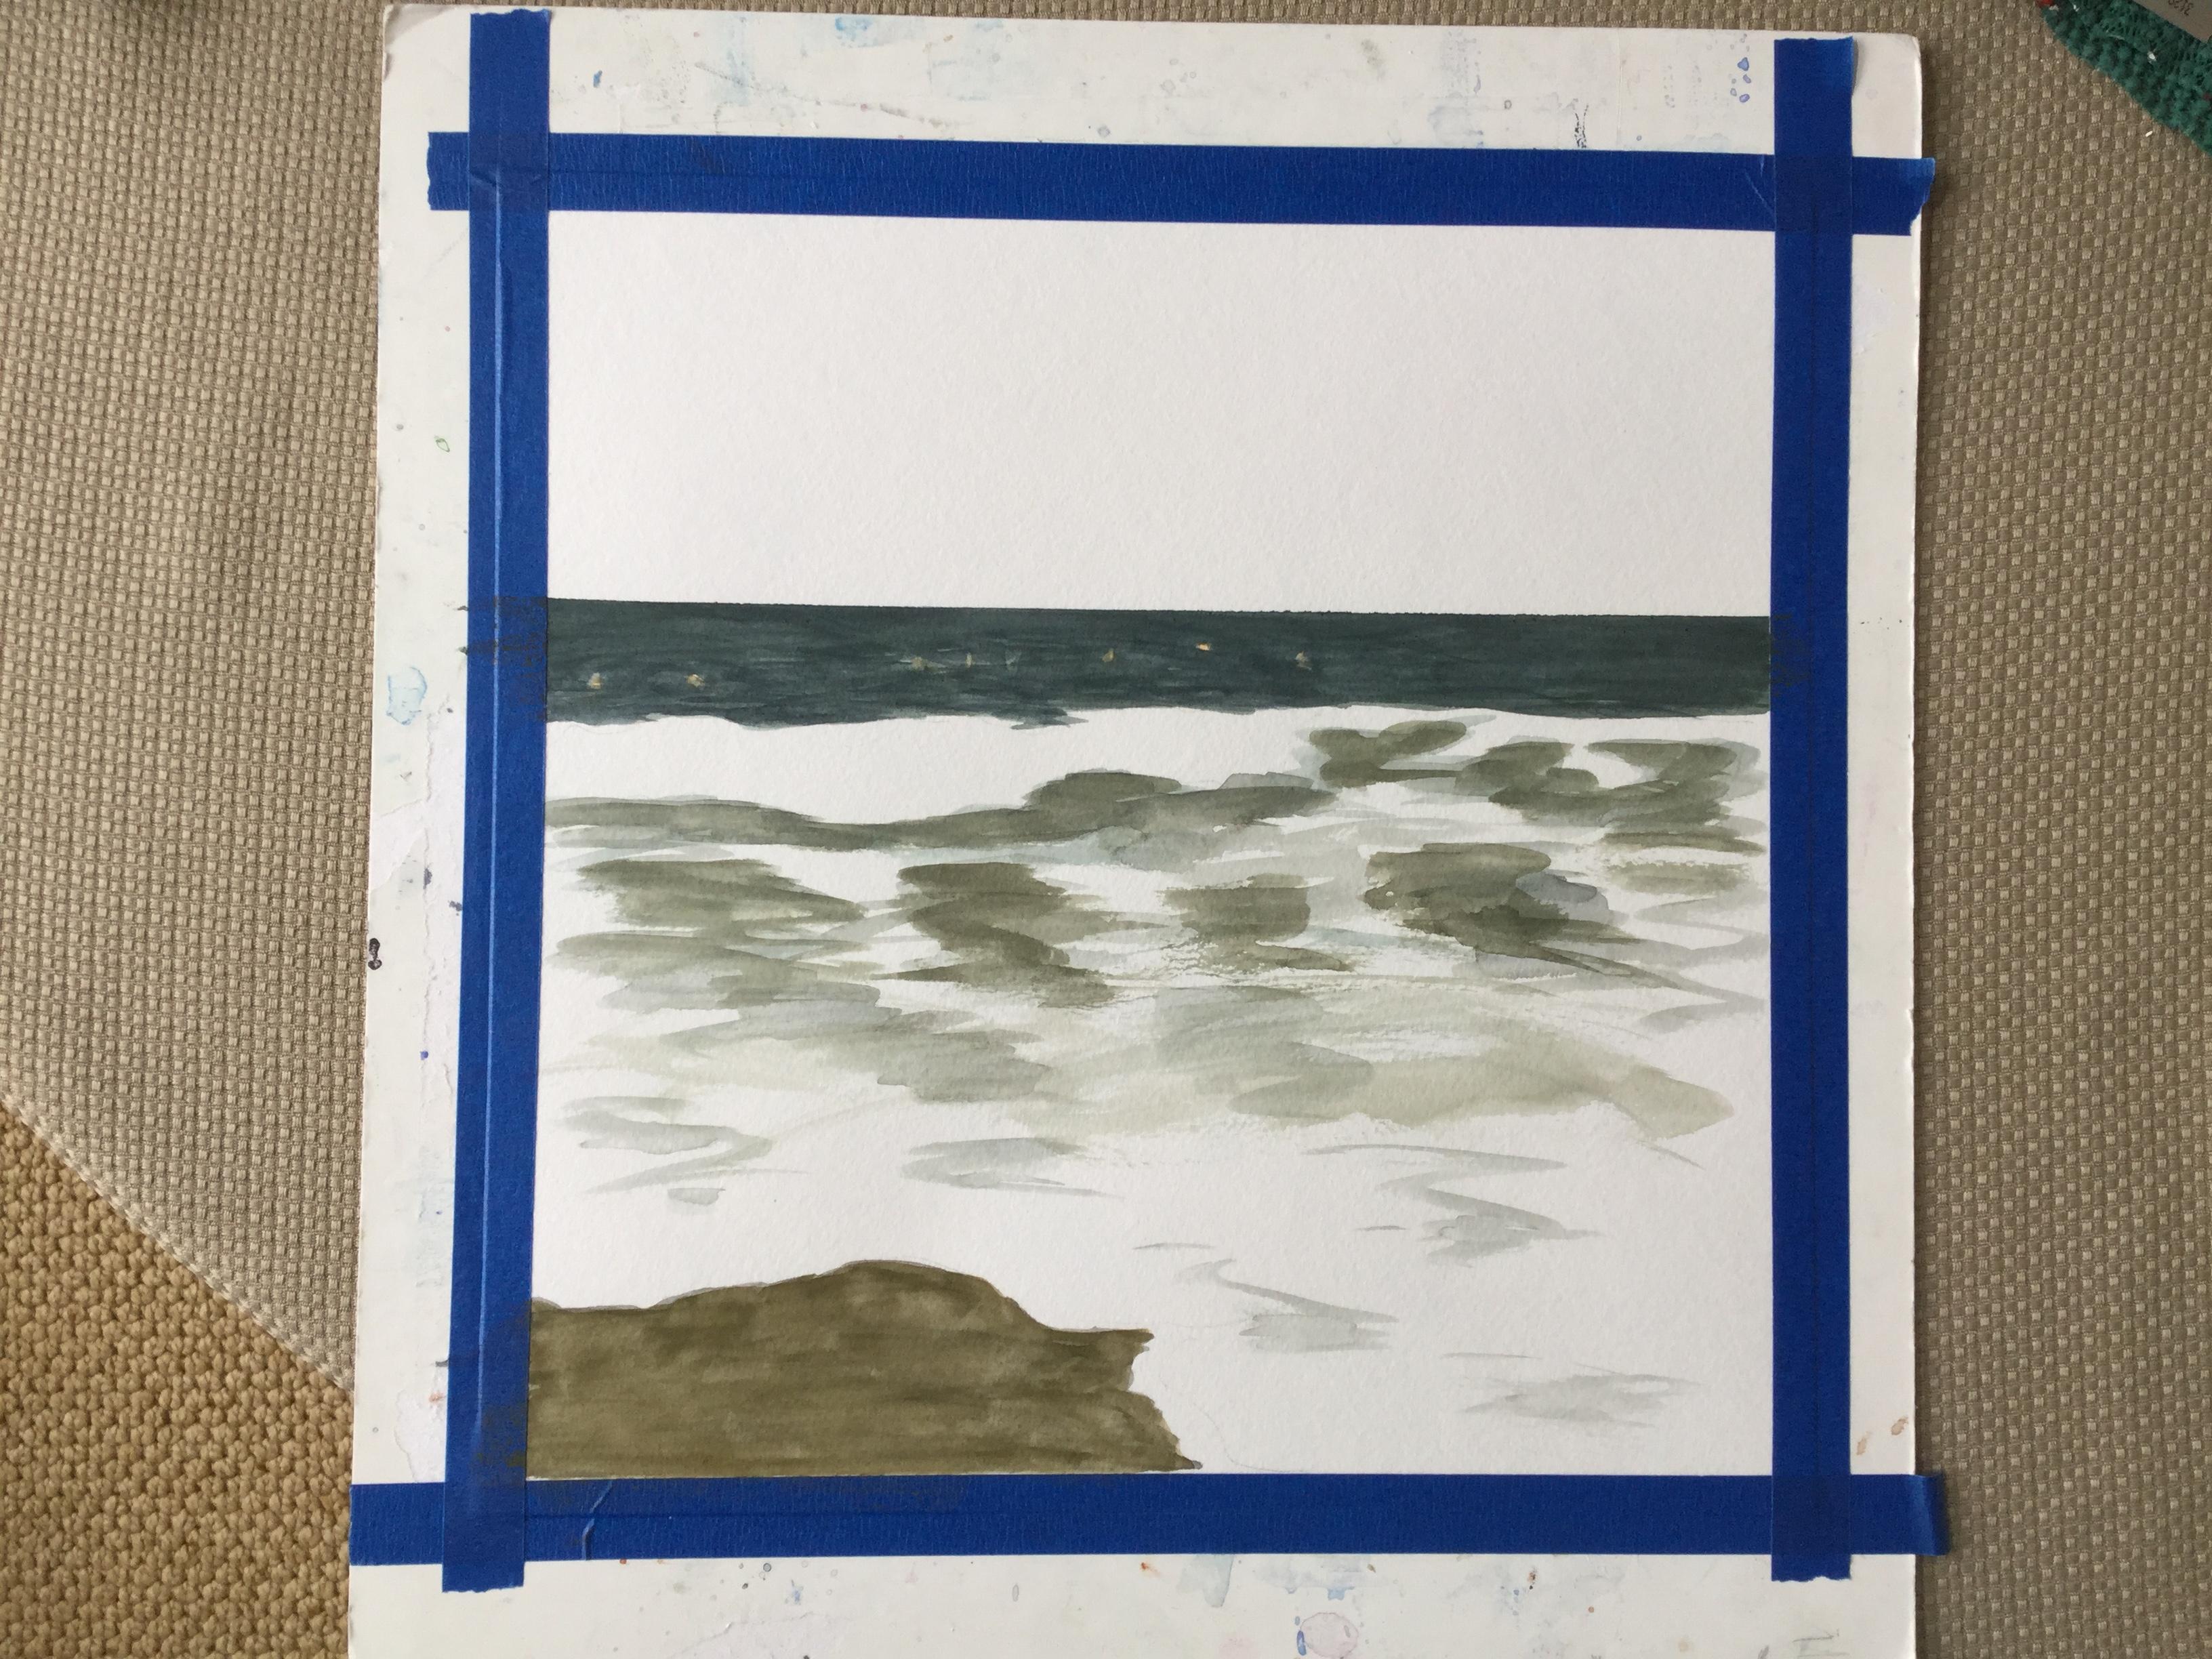 Painting the ocean in watercolor